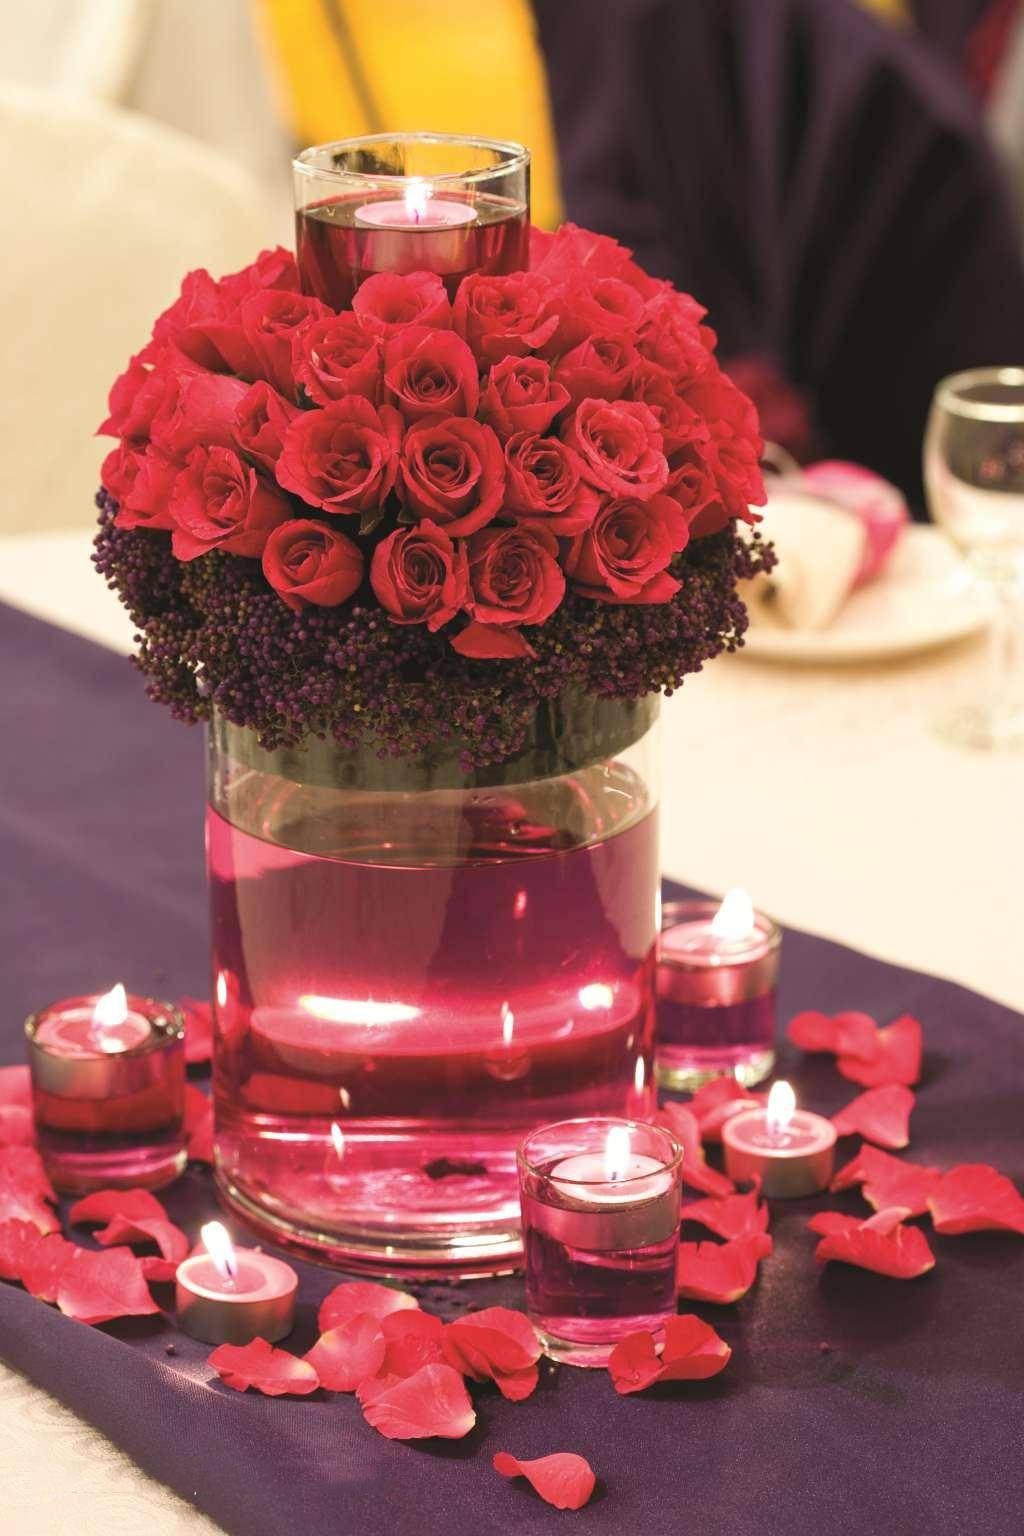 花瓶里的红玫瑰花束和蜡烛高清图片